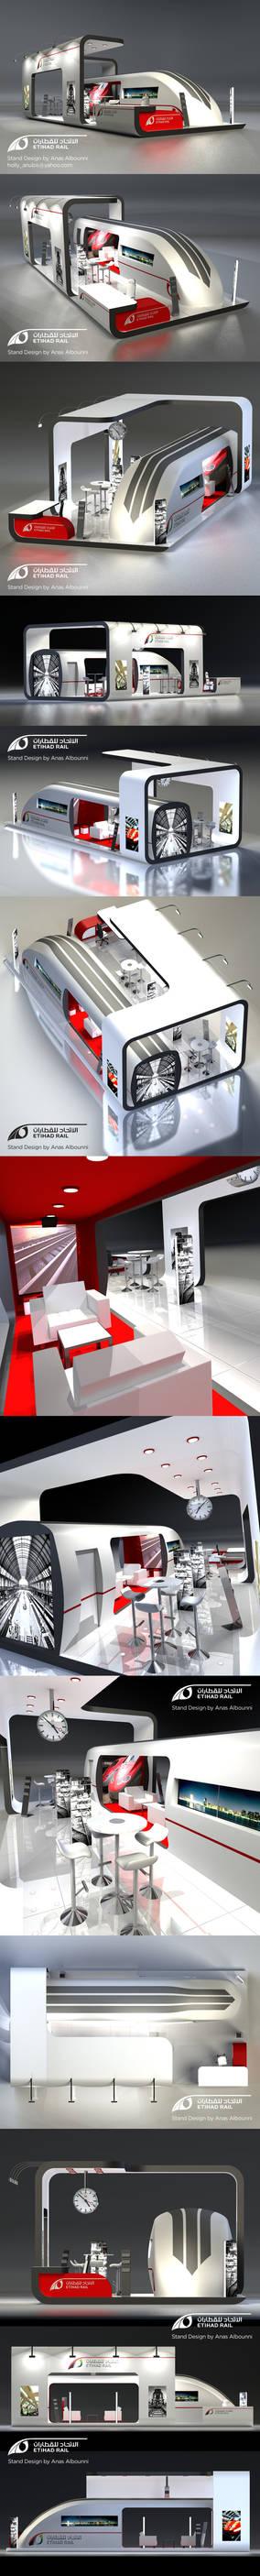 Etihad Rails Stand Design